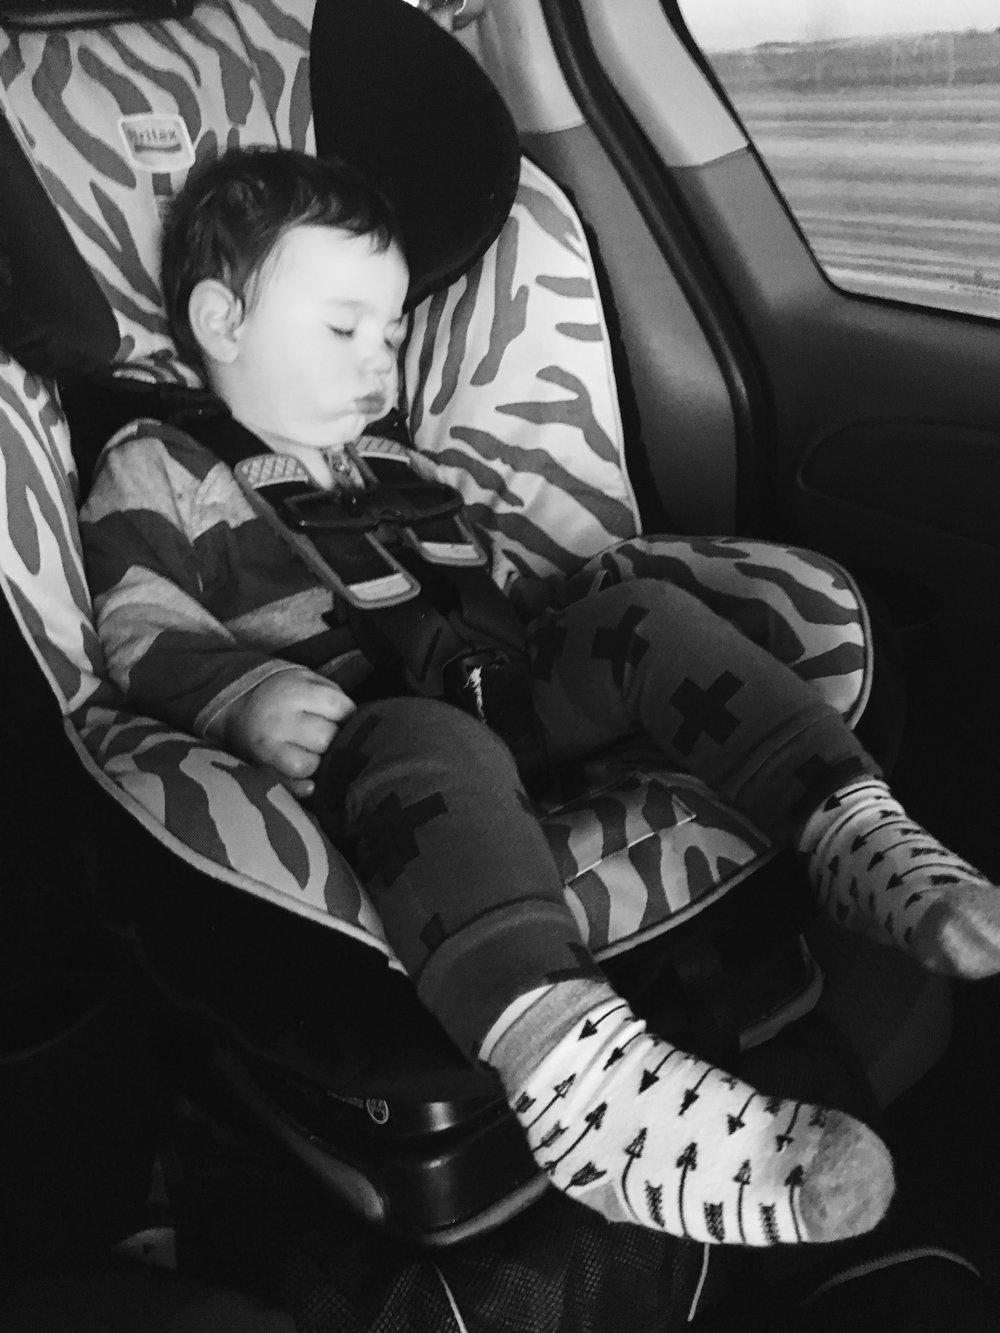 A rare car nap!